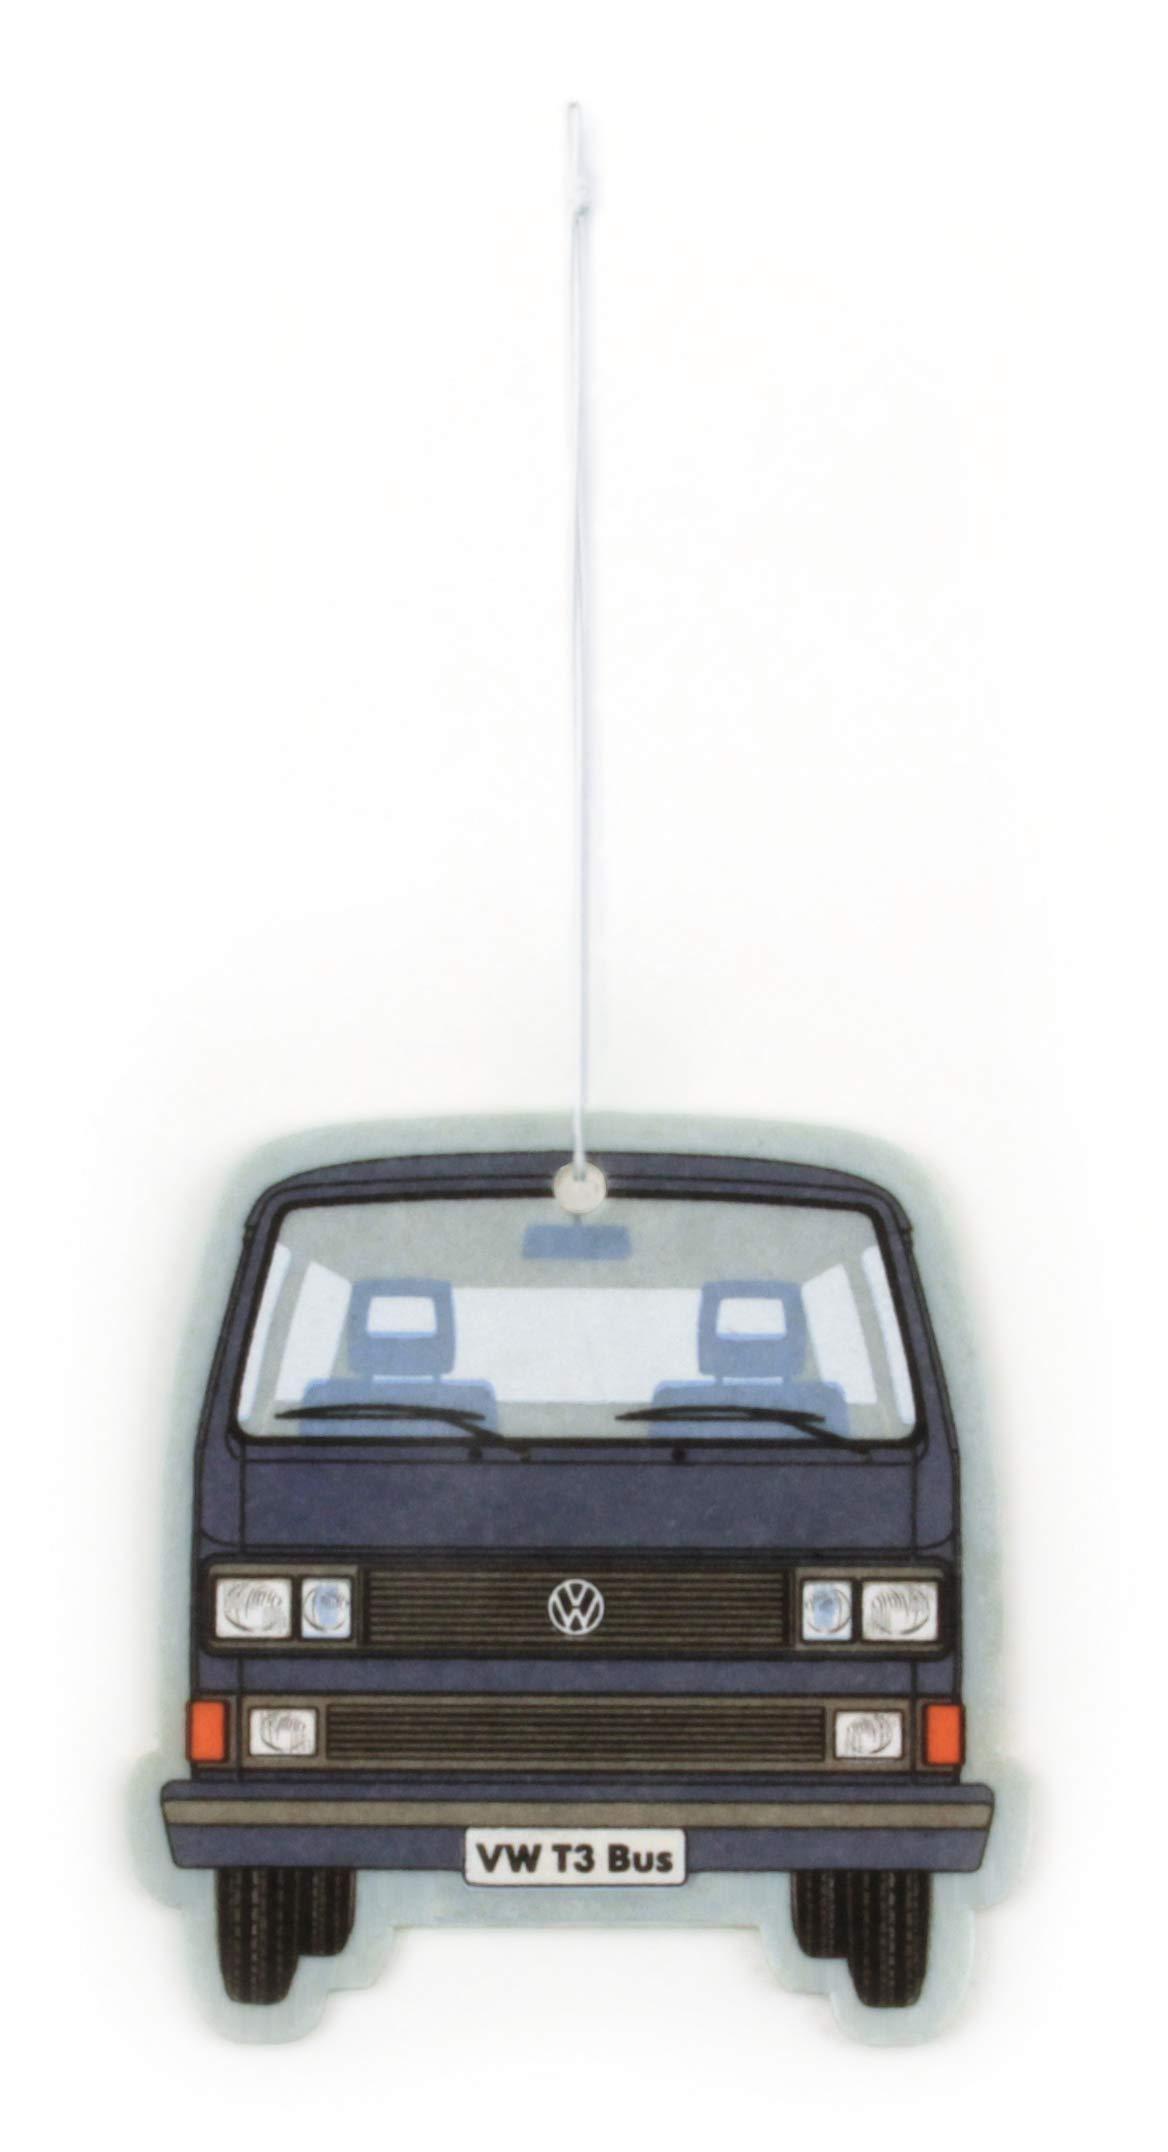 brisa vw collection vw t3 air freshener fresh blue set. Black Bedroom Furniture Sets. Home Design Ideas